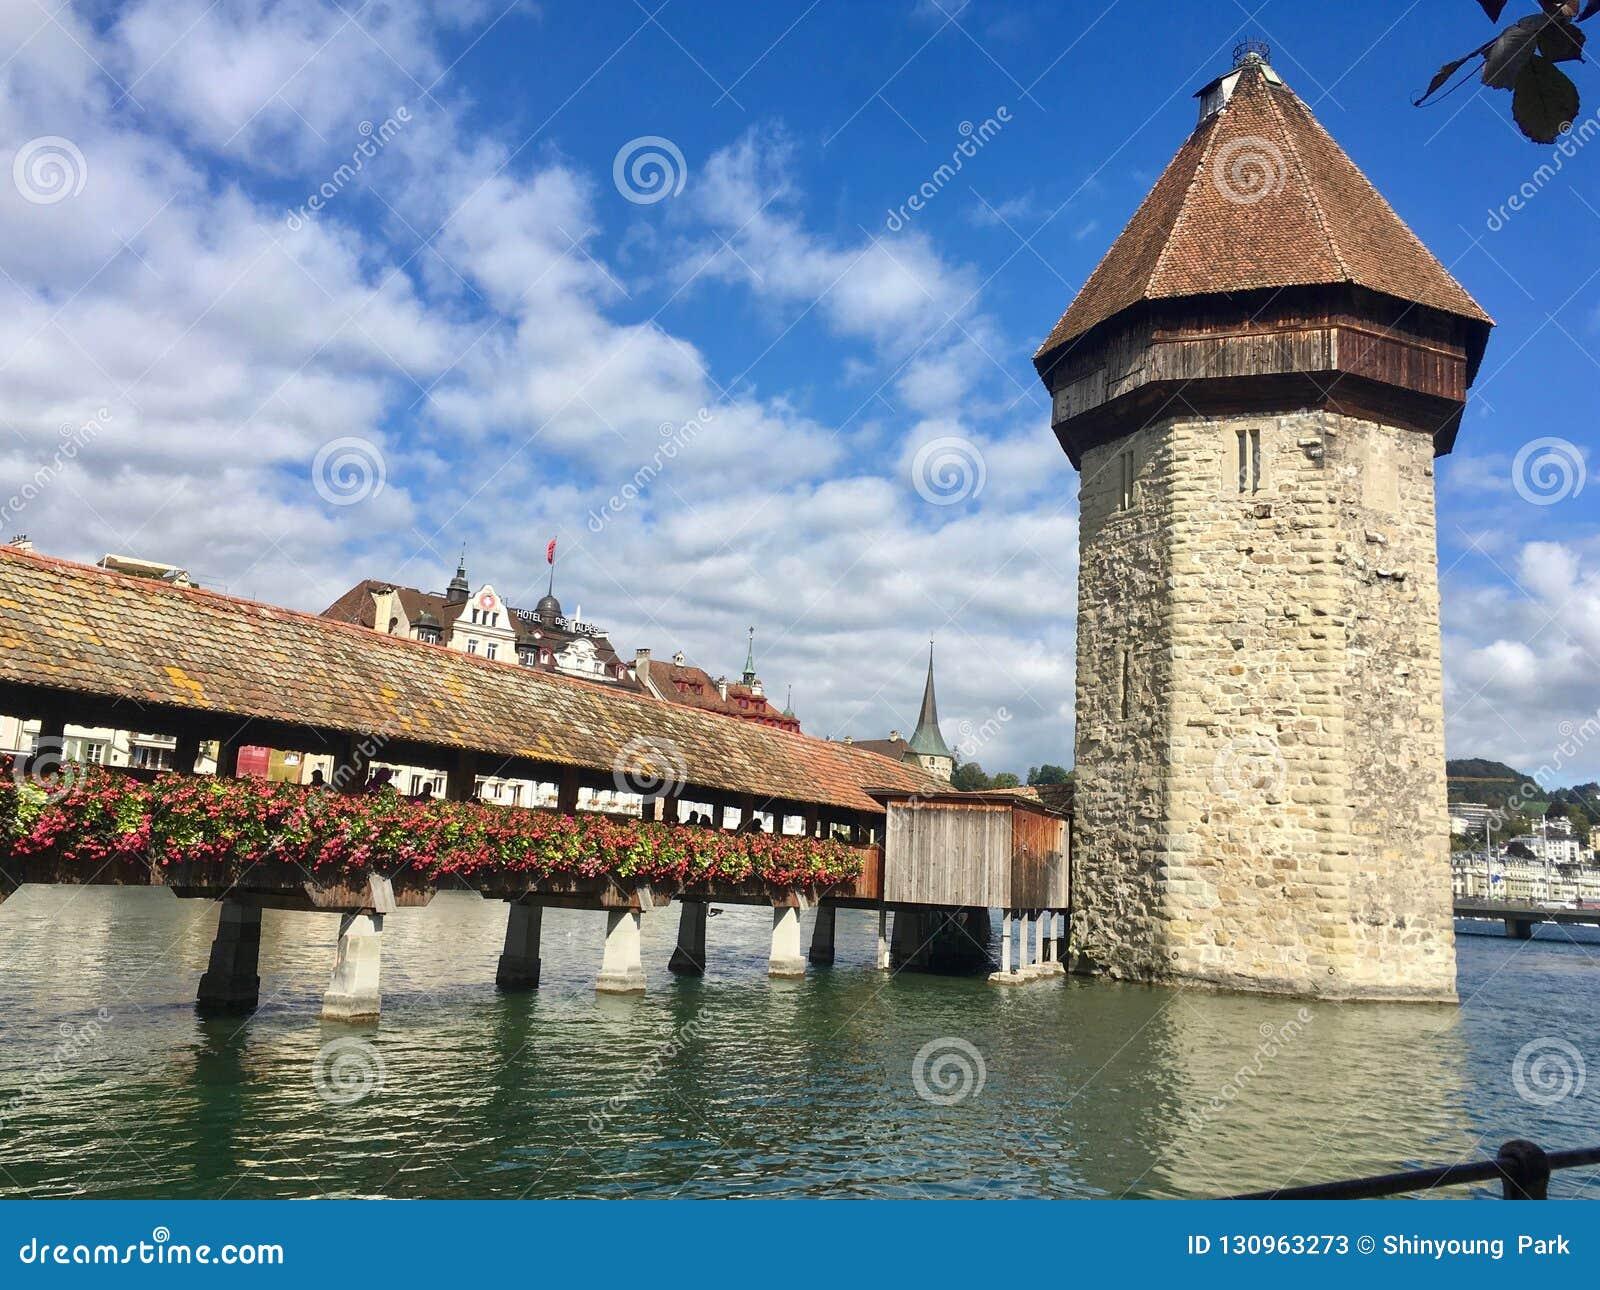 Τρόπος στο διάσημο πύργο στην περιήγηση με τα πόδια νερού, Λουκέρνη, Luzern